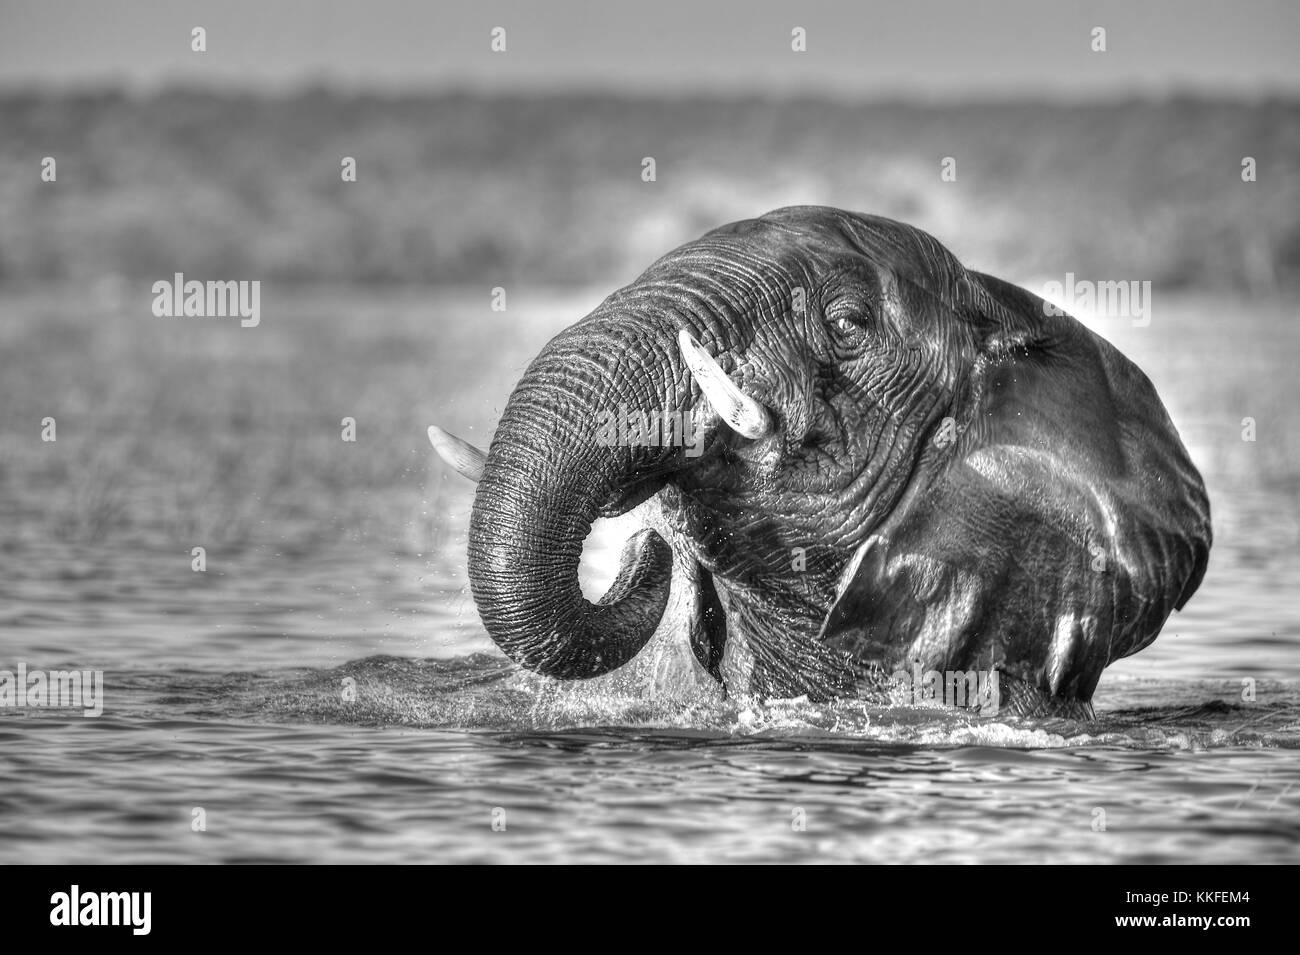 La vida silvestre en el río Chobe, Botswana Imagen De Stock